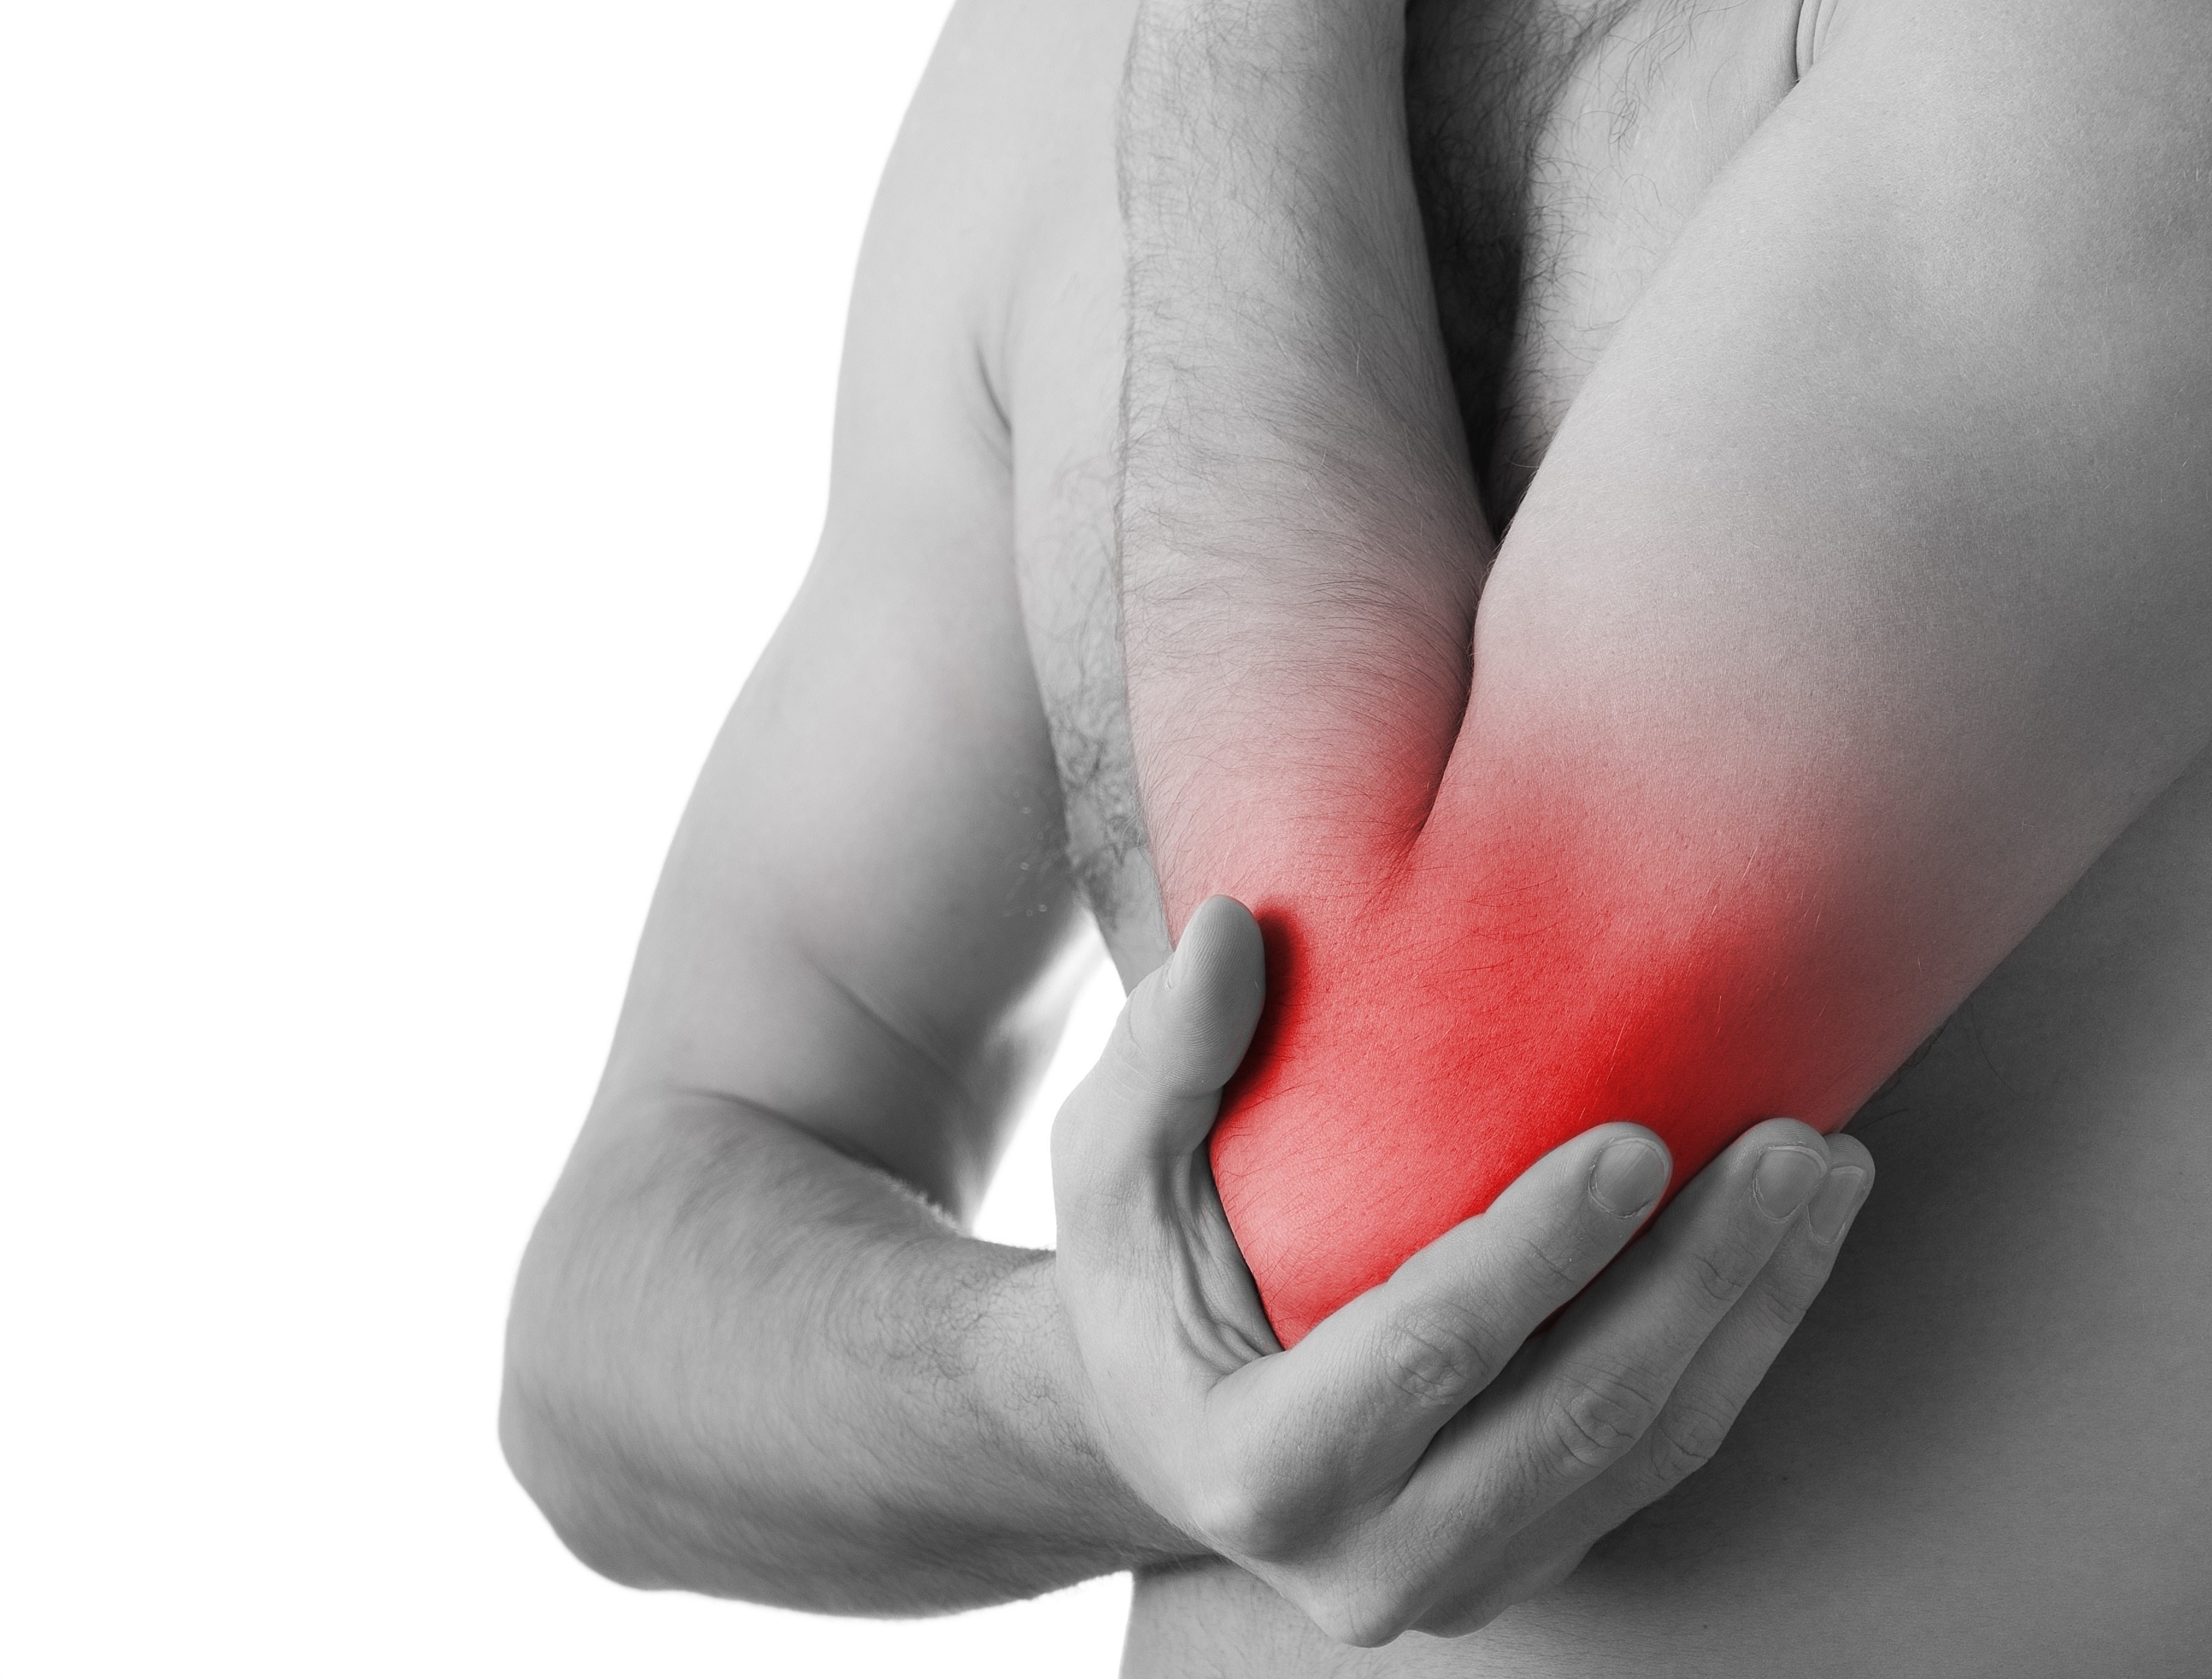 akác ízületi kezelés csípőízületi fájdalom és a lábát adja